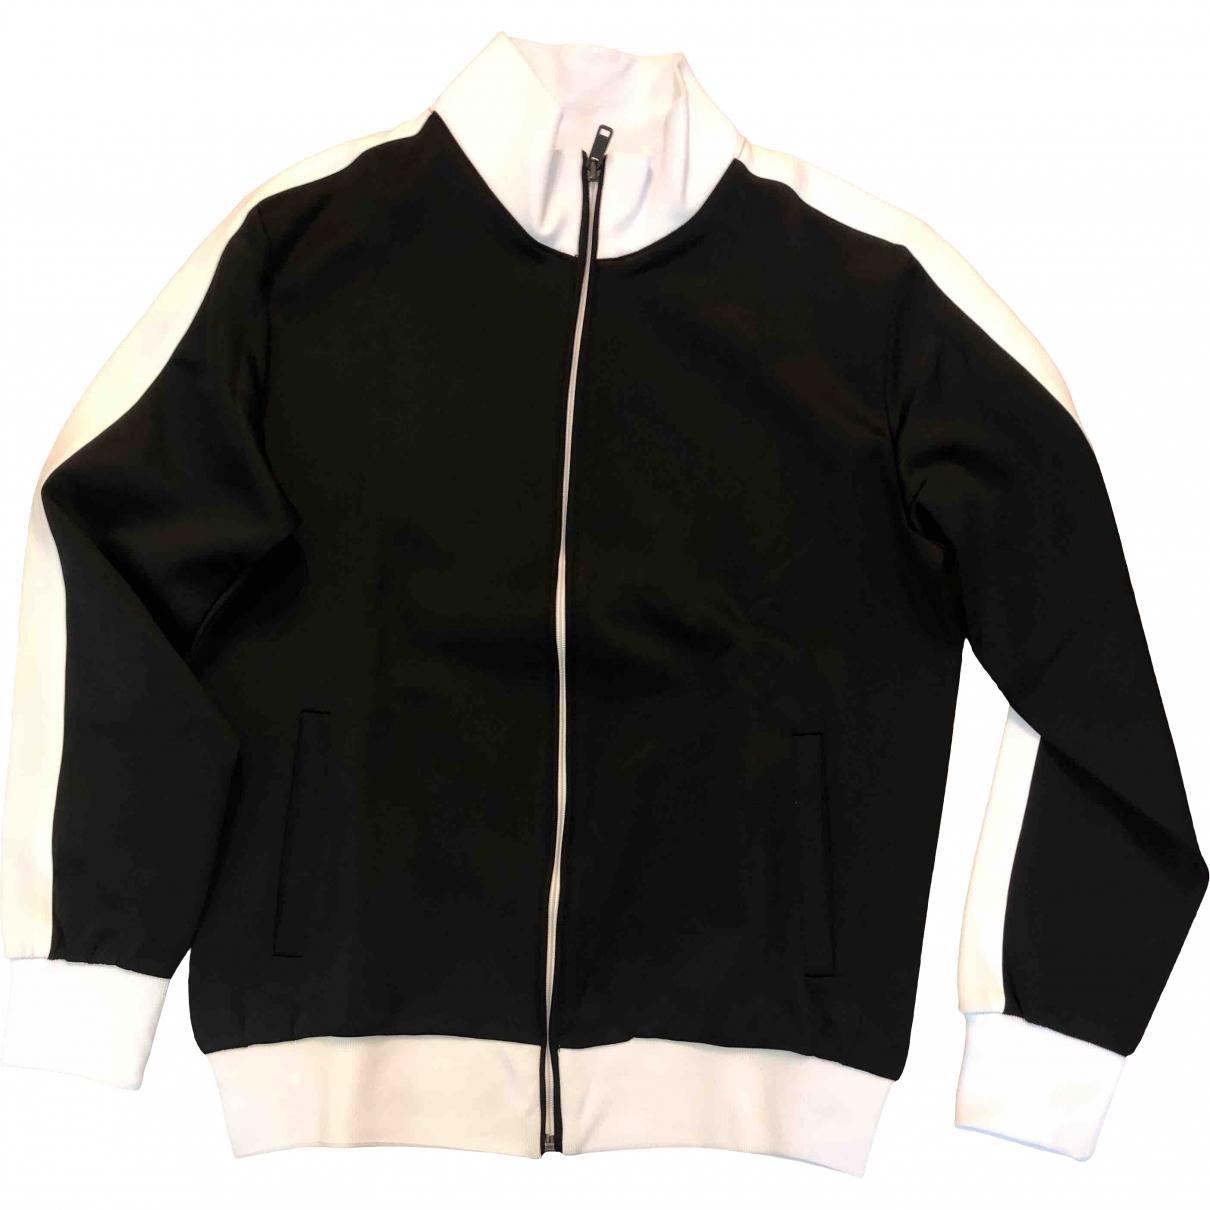 Zara \N Black Knitwear & Sweatshirts for Men M International